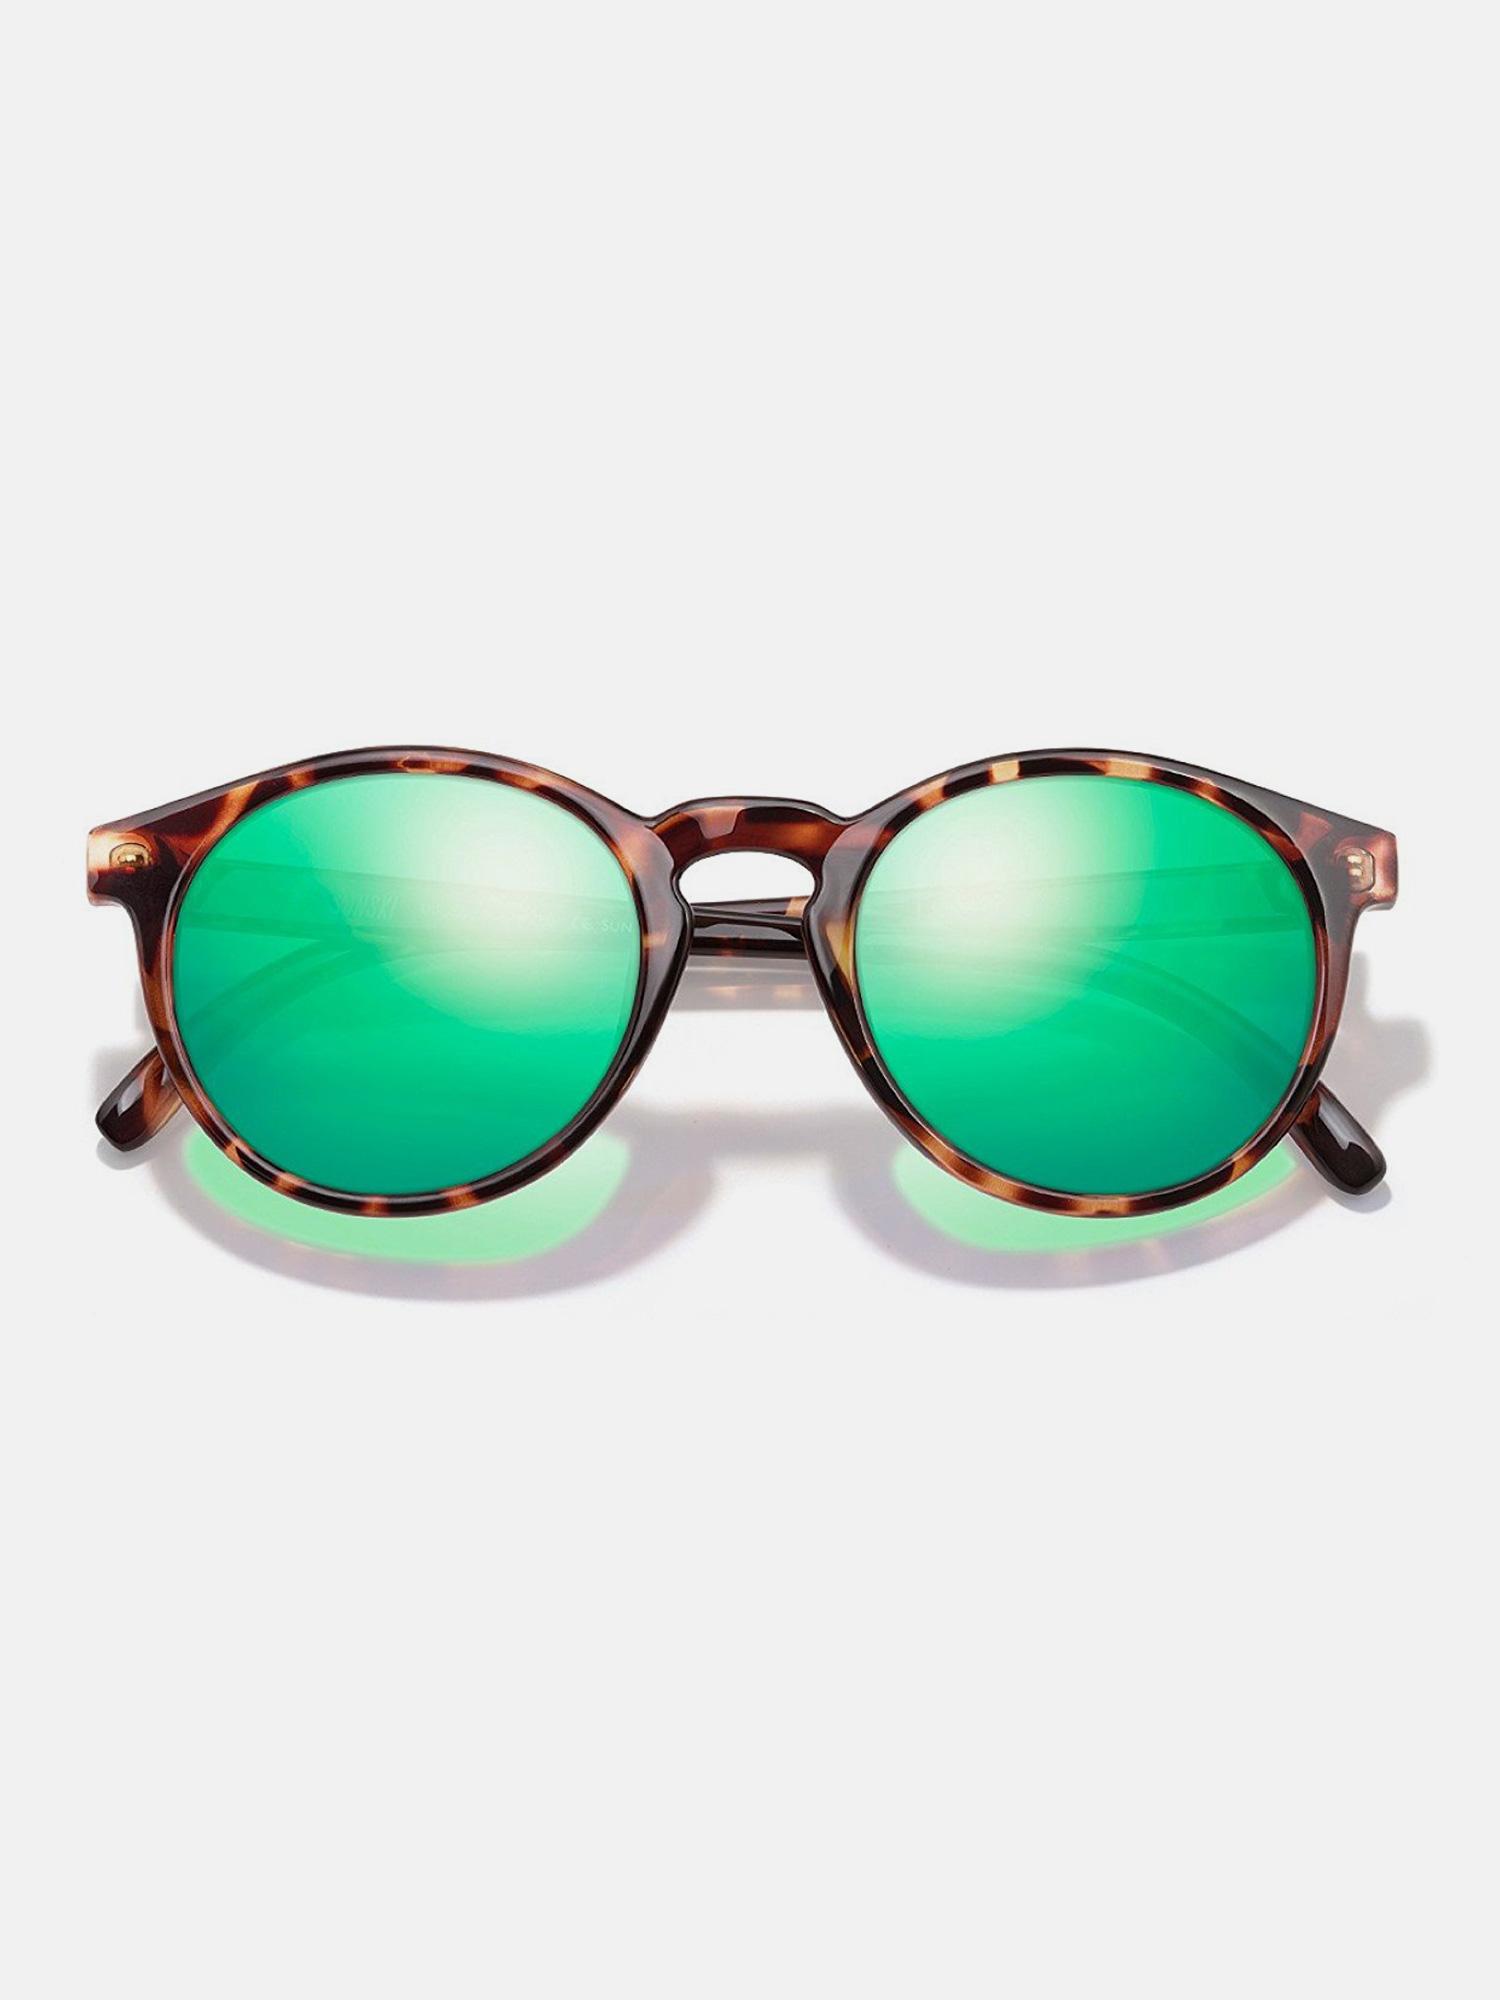 Sunski Polarized Sunglasses - $58